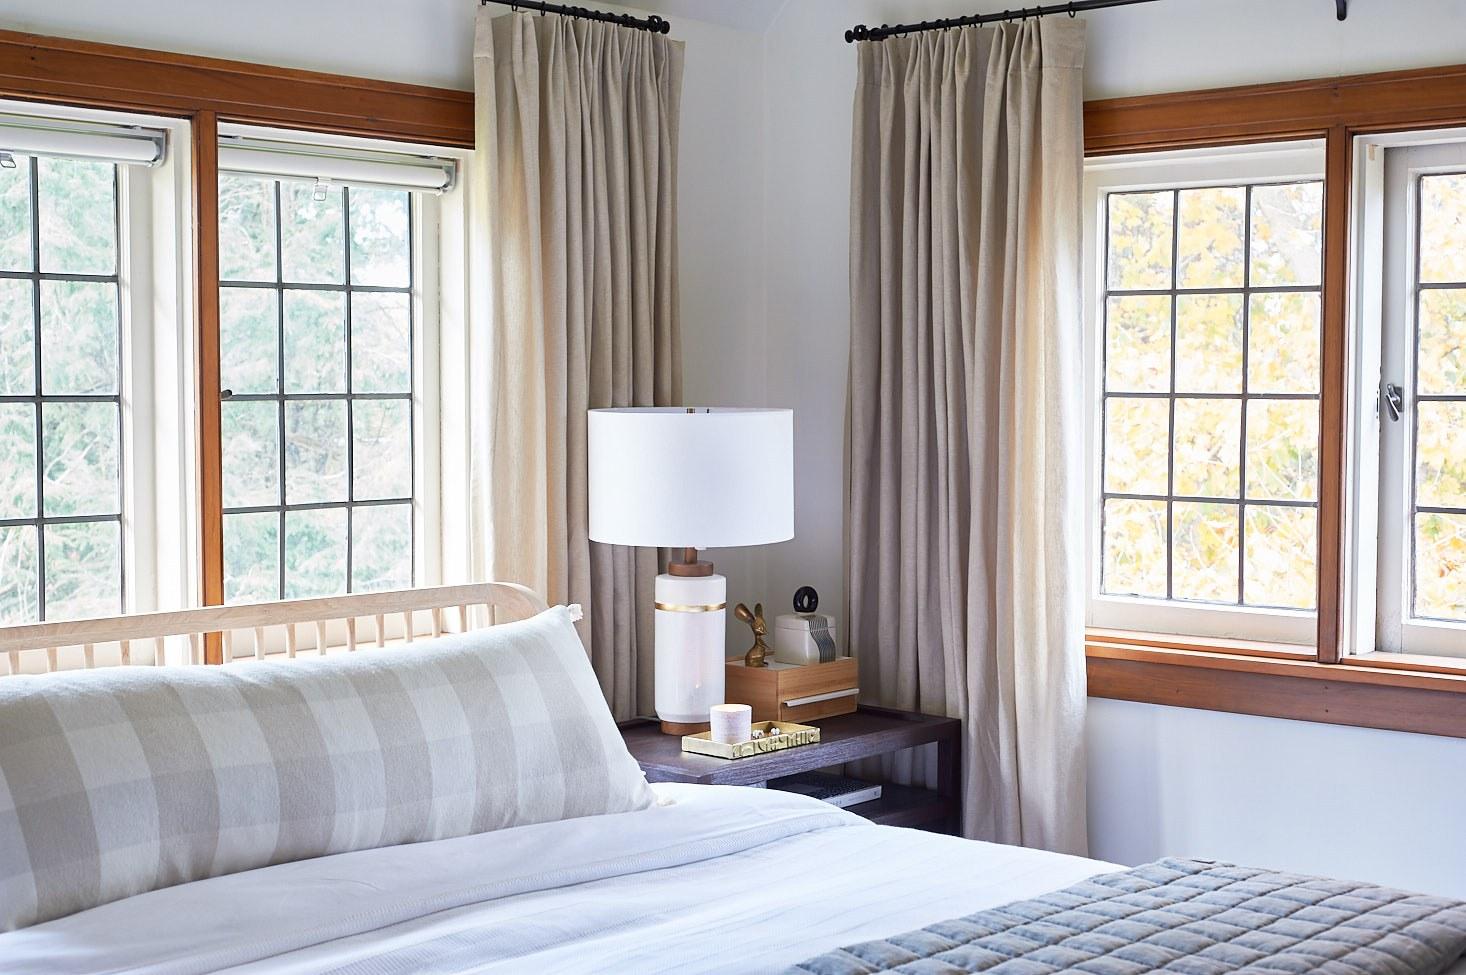 phòng ngủ có 2 cửa sổ